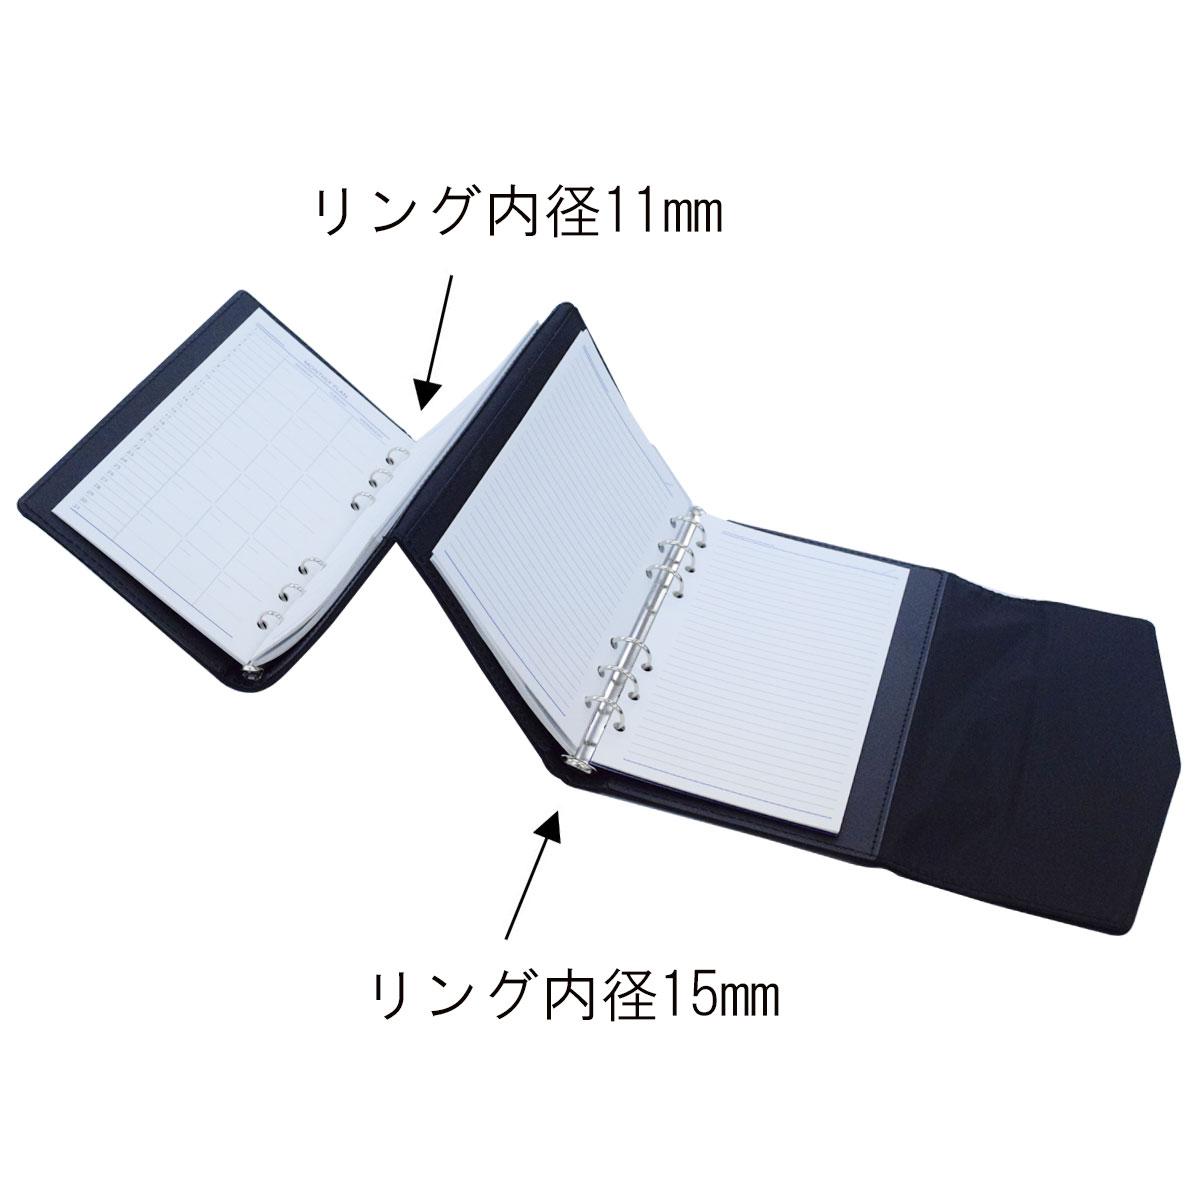 レイメイ藤井 キーワード デュアルリングバインダー 聖書サイズ(リング11+15mm)